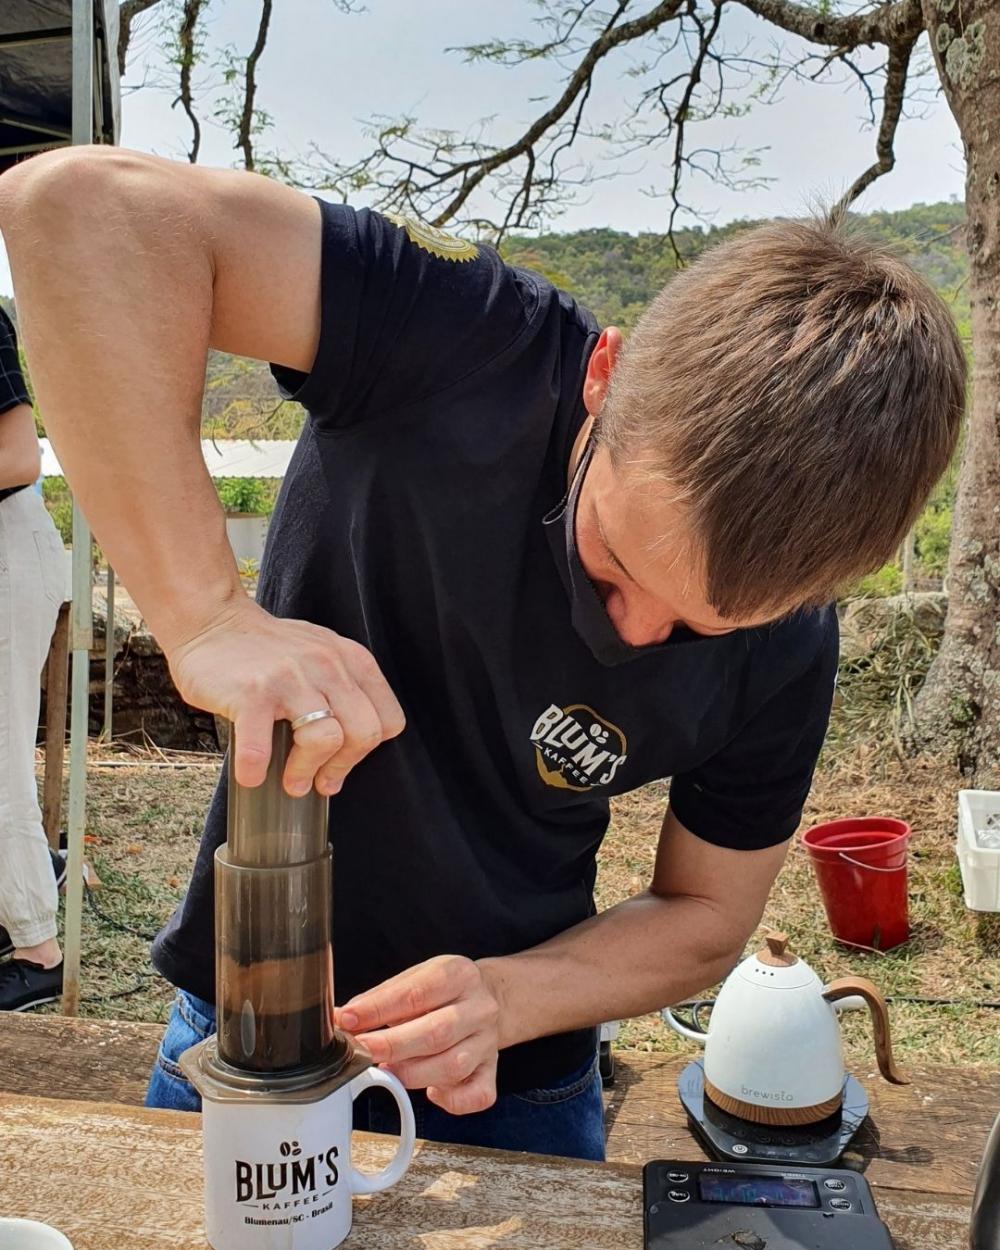 Blum's Kaffee, torrefação de café de Blumenau, participa de concurso internacional